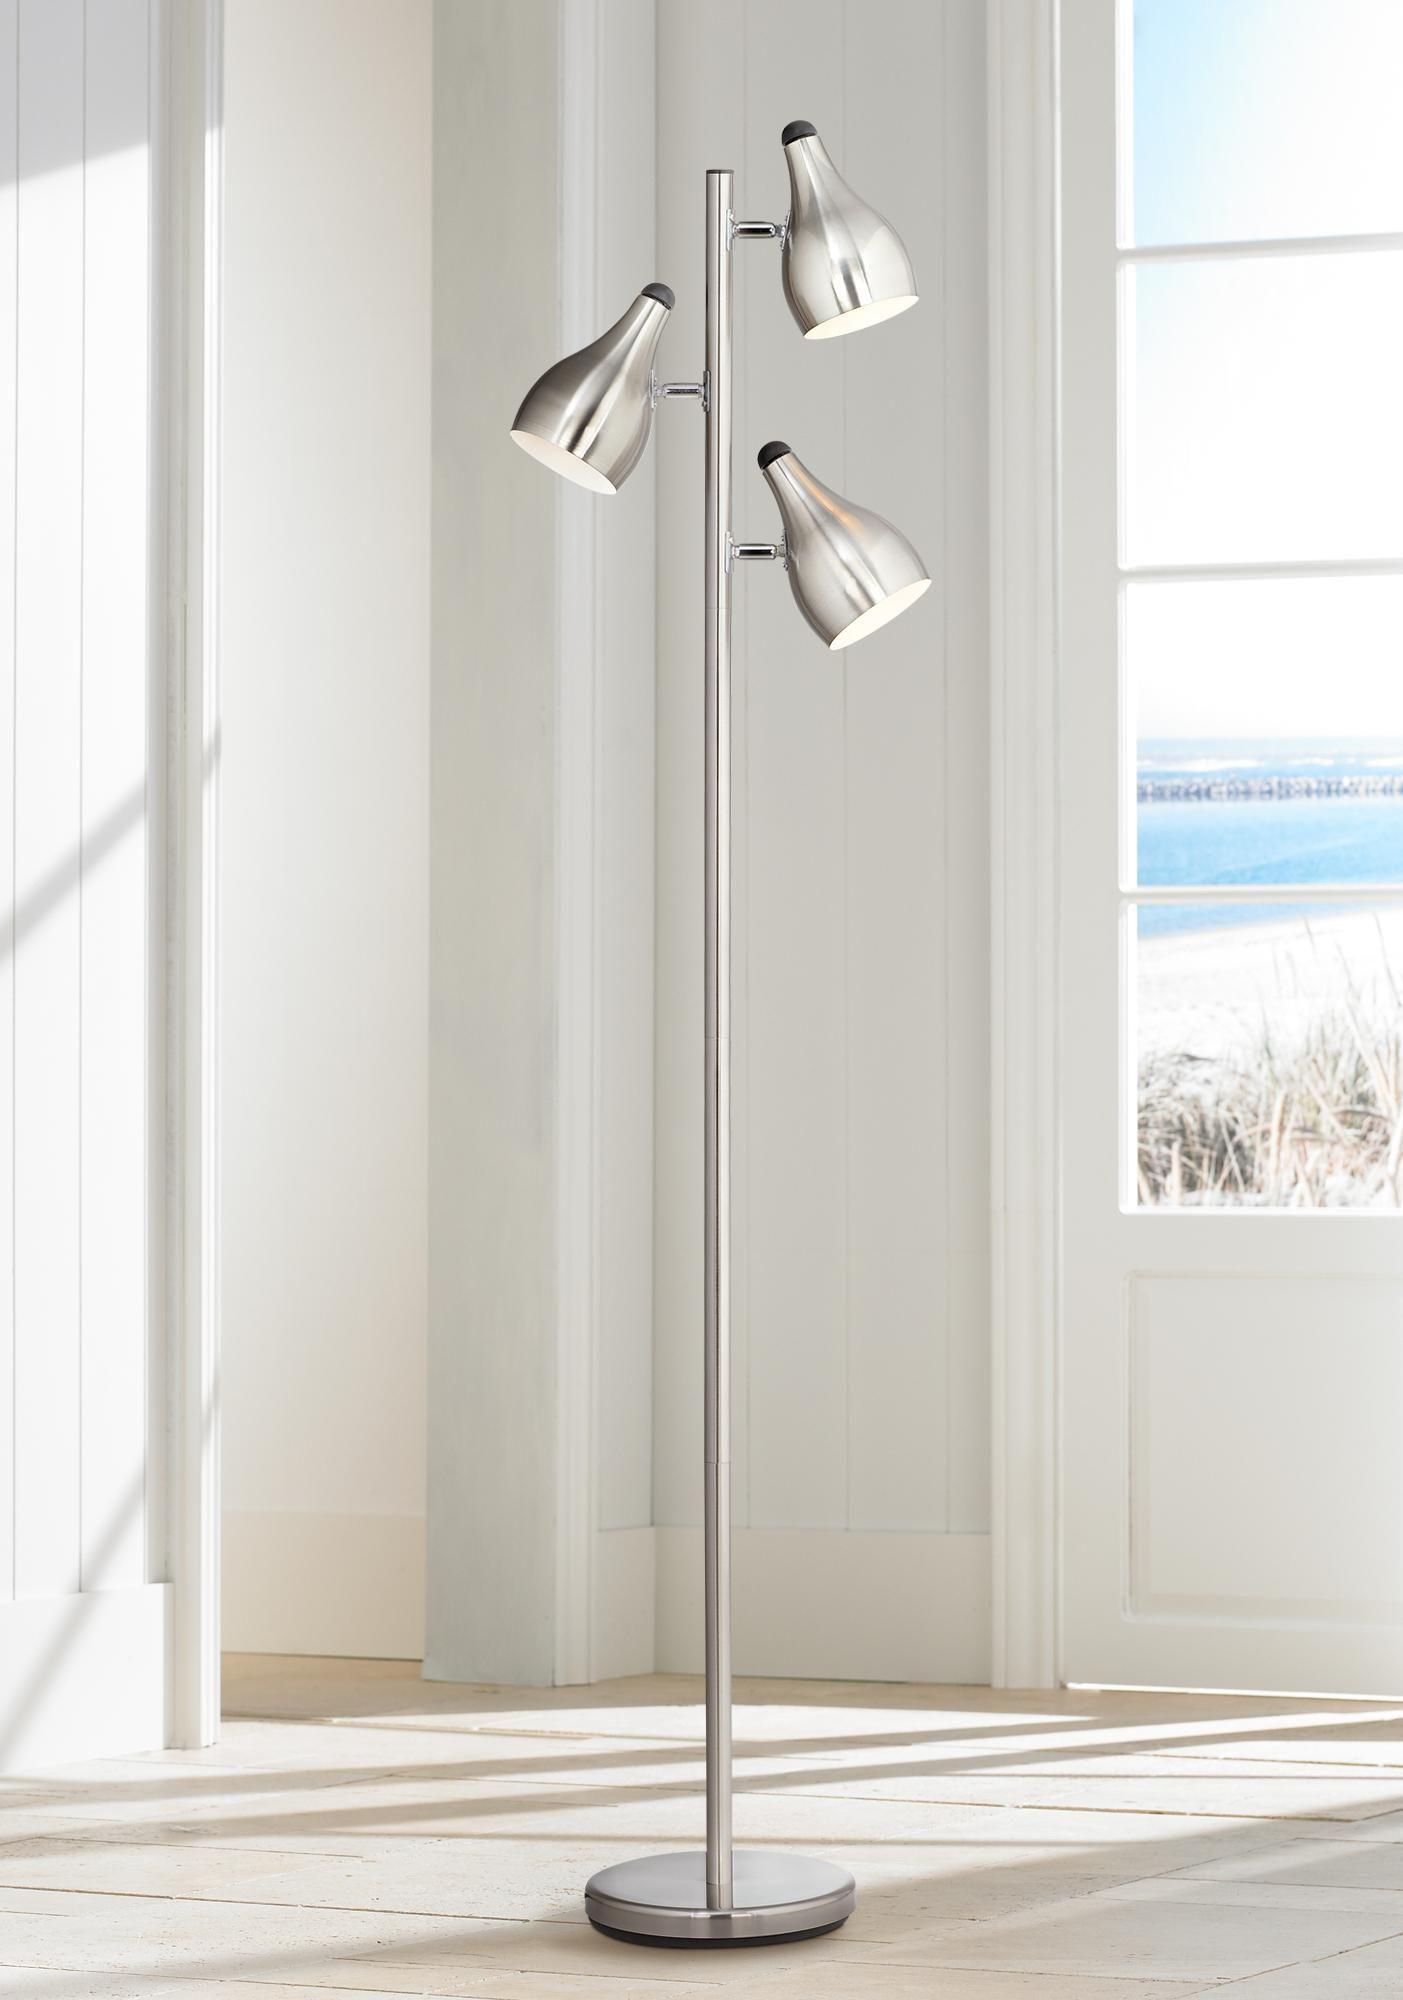 Floor Lamps Trac Tree Style 3 Light Floor Lamp In Brushed Steel In 2020 Floor Lamp Floor Lights Modern Floor Lamps